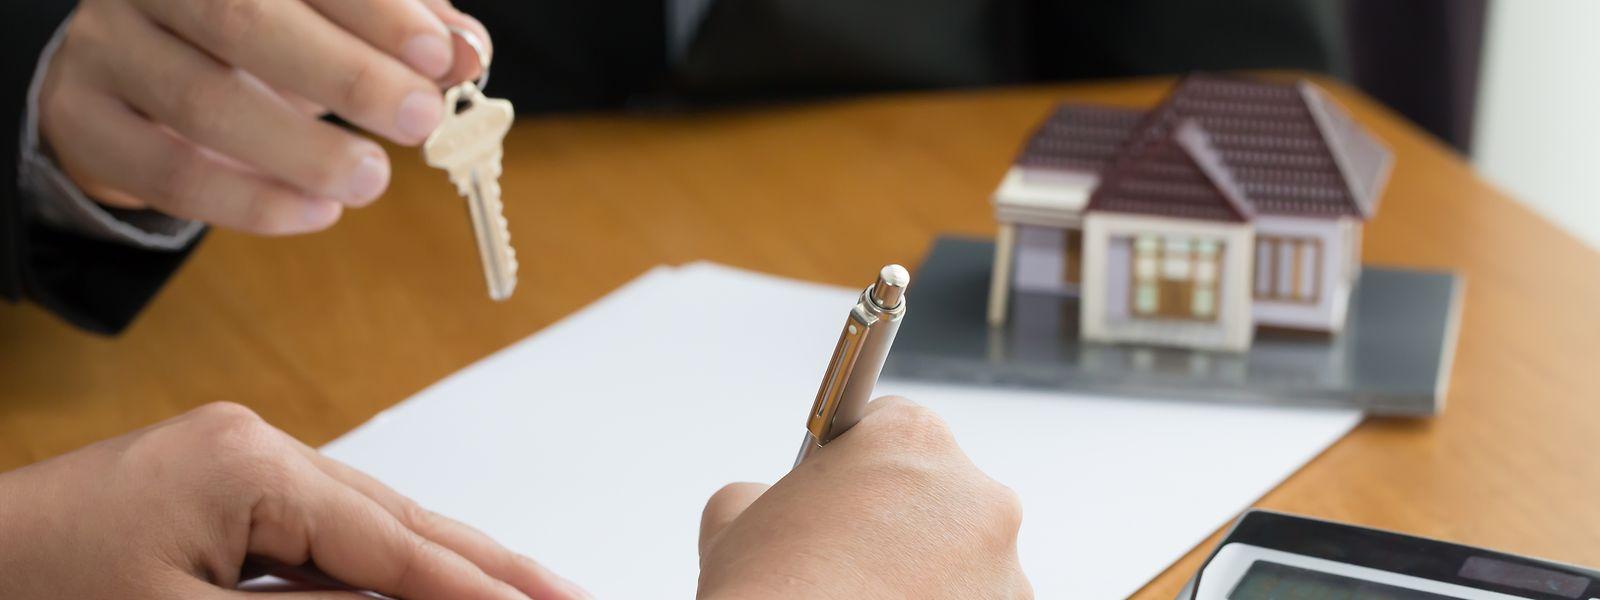 Le prêt à la banque reste le moyen le plus courant de financier son achat immobilier au Luxembourg.